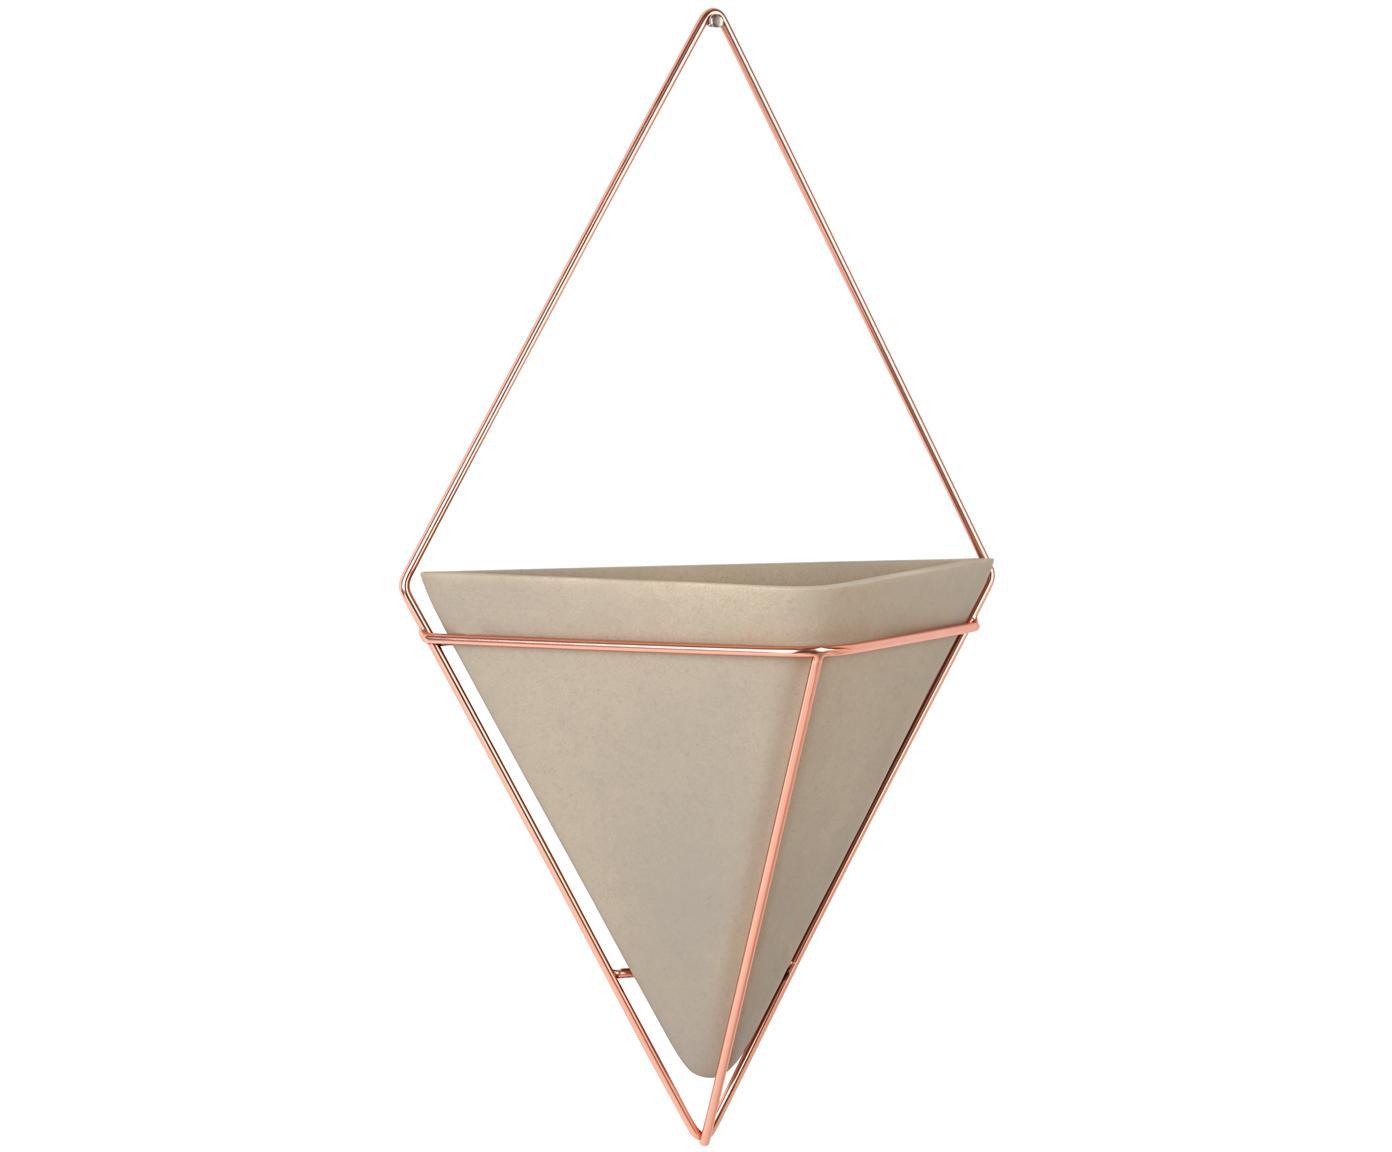 Dekoracja ścienna z pojemnikiem do przechowywania Trigg, Szary, miedź, matowy, S 22 x W 38 cm